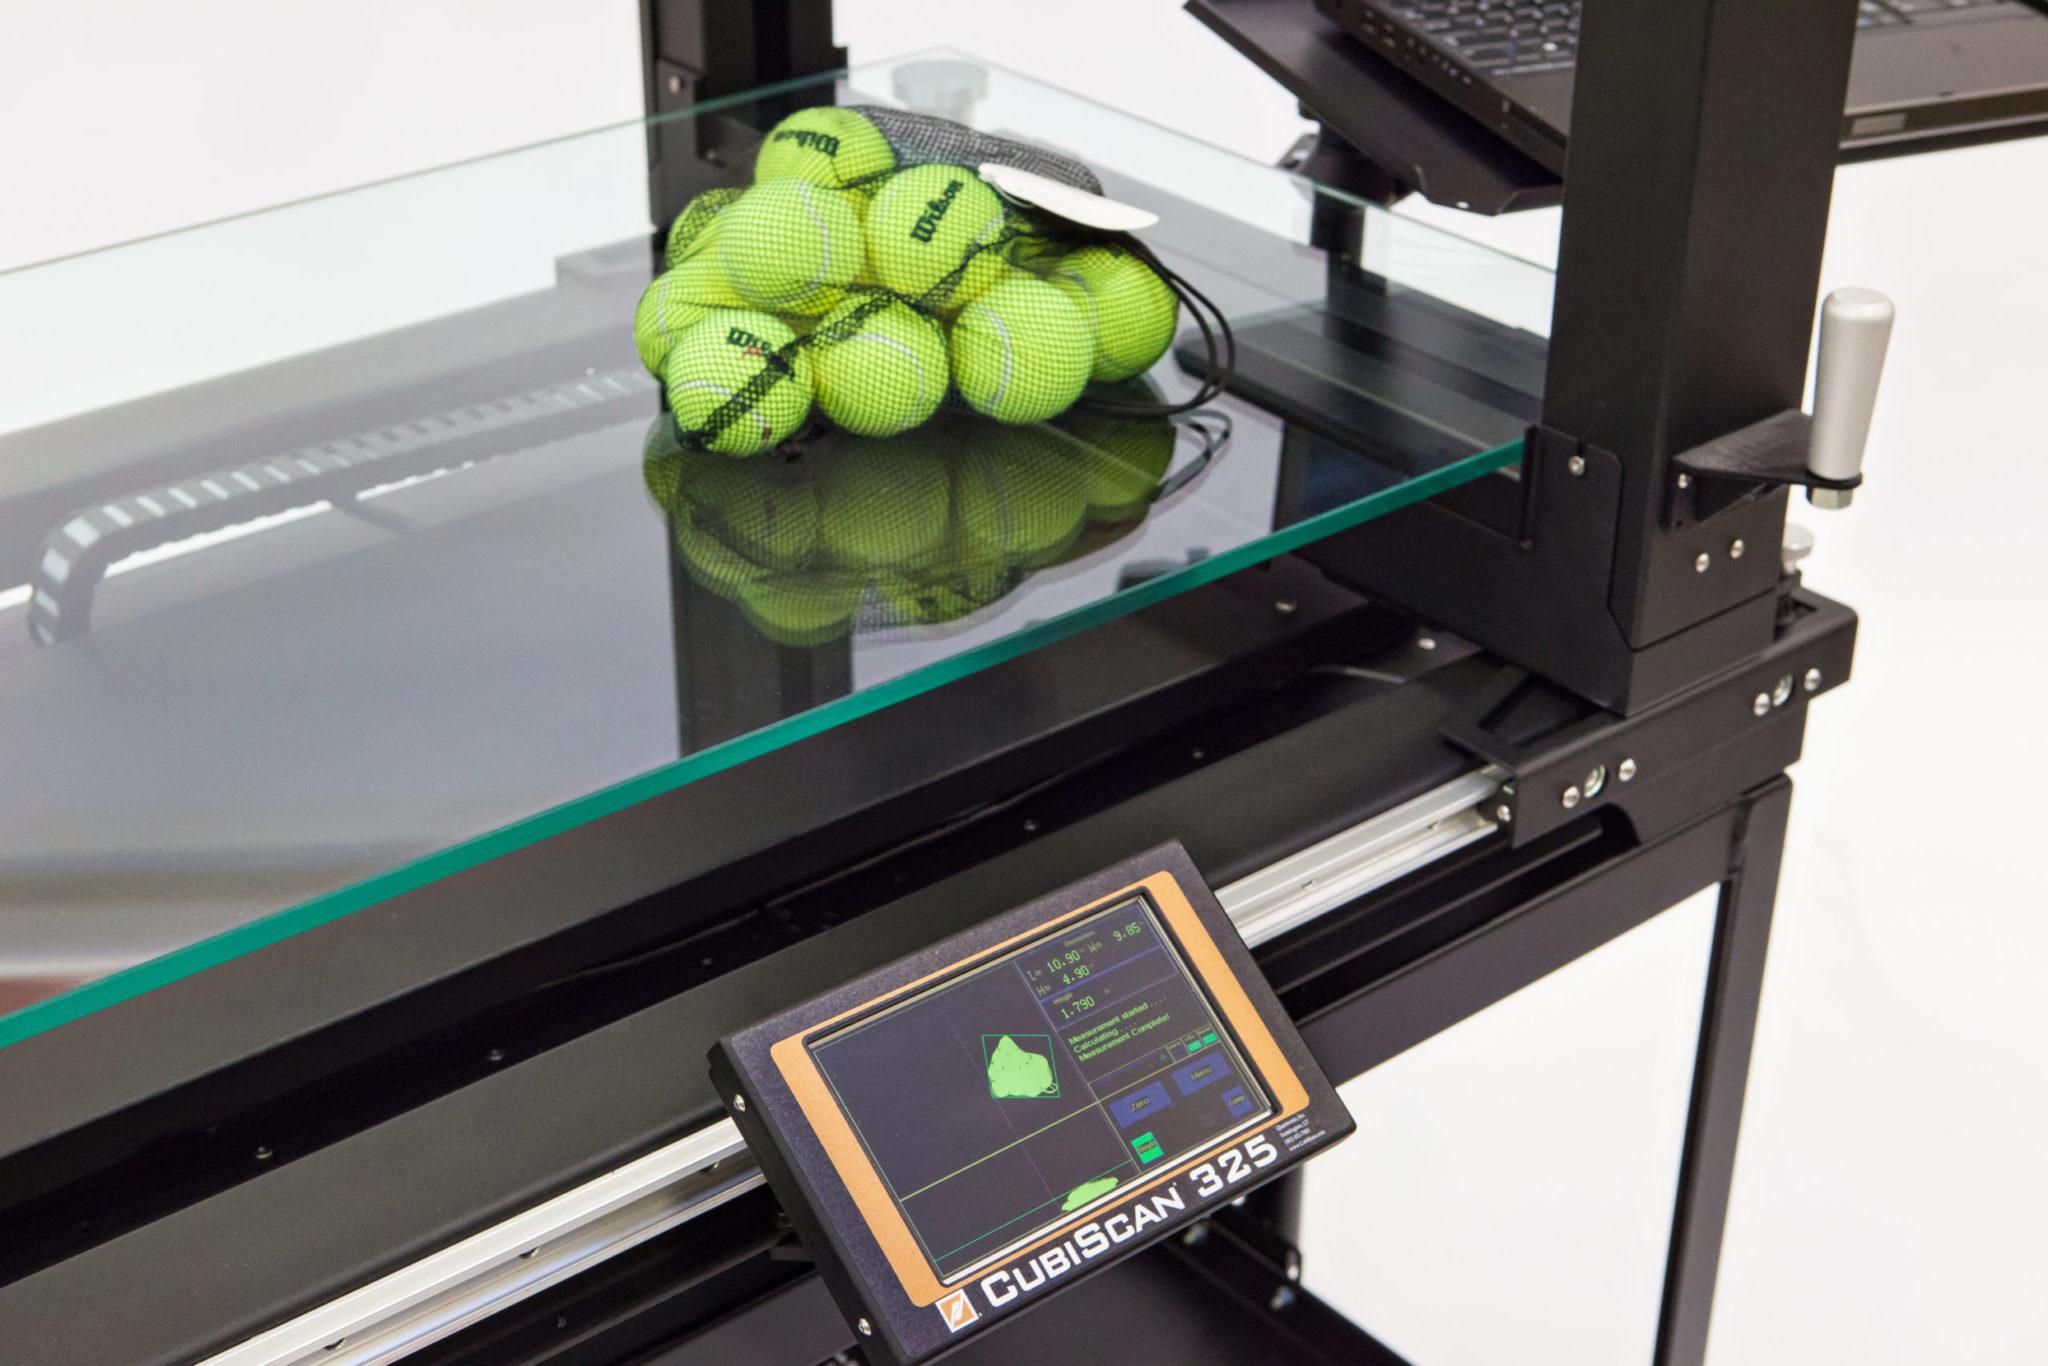 CubiScan 325 Tennisbälle in Netz